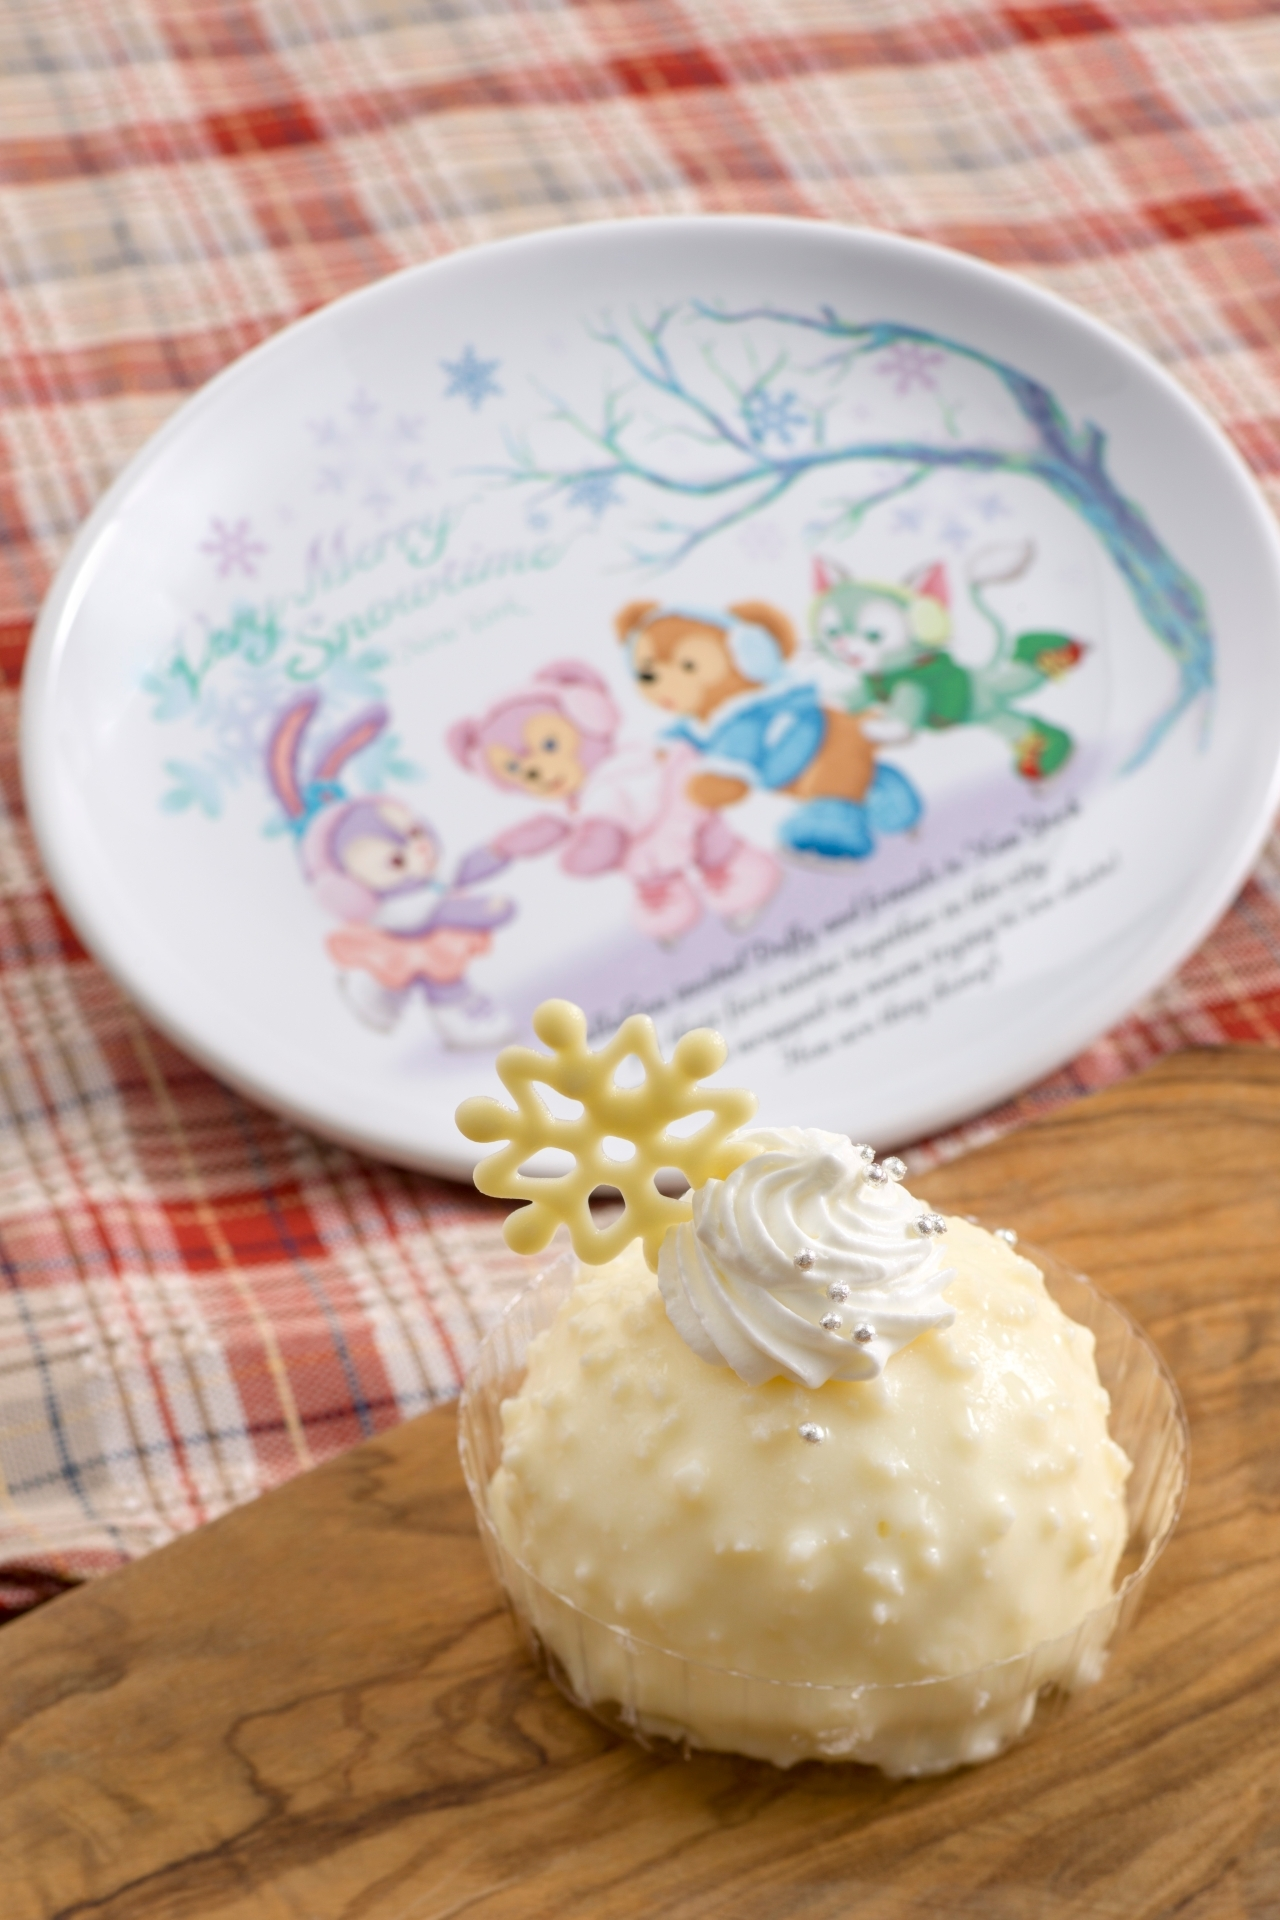 ホワイトチョコムースケーキ、スーベニアプレート付き 880円